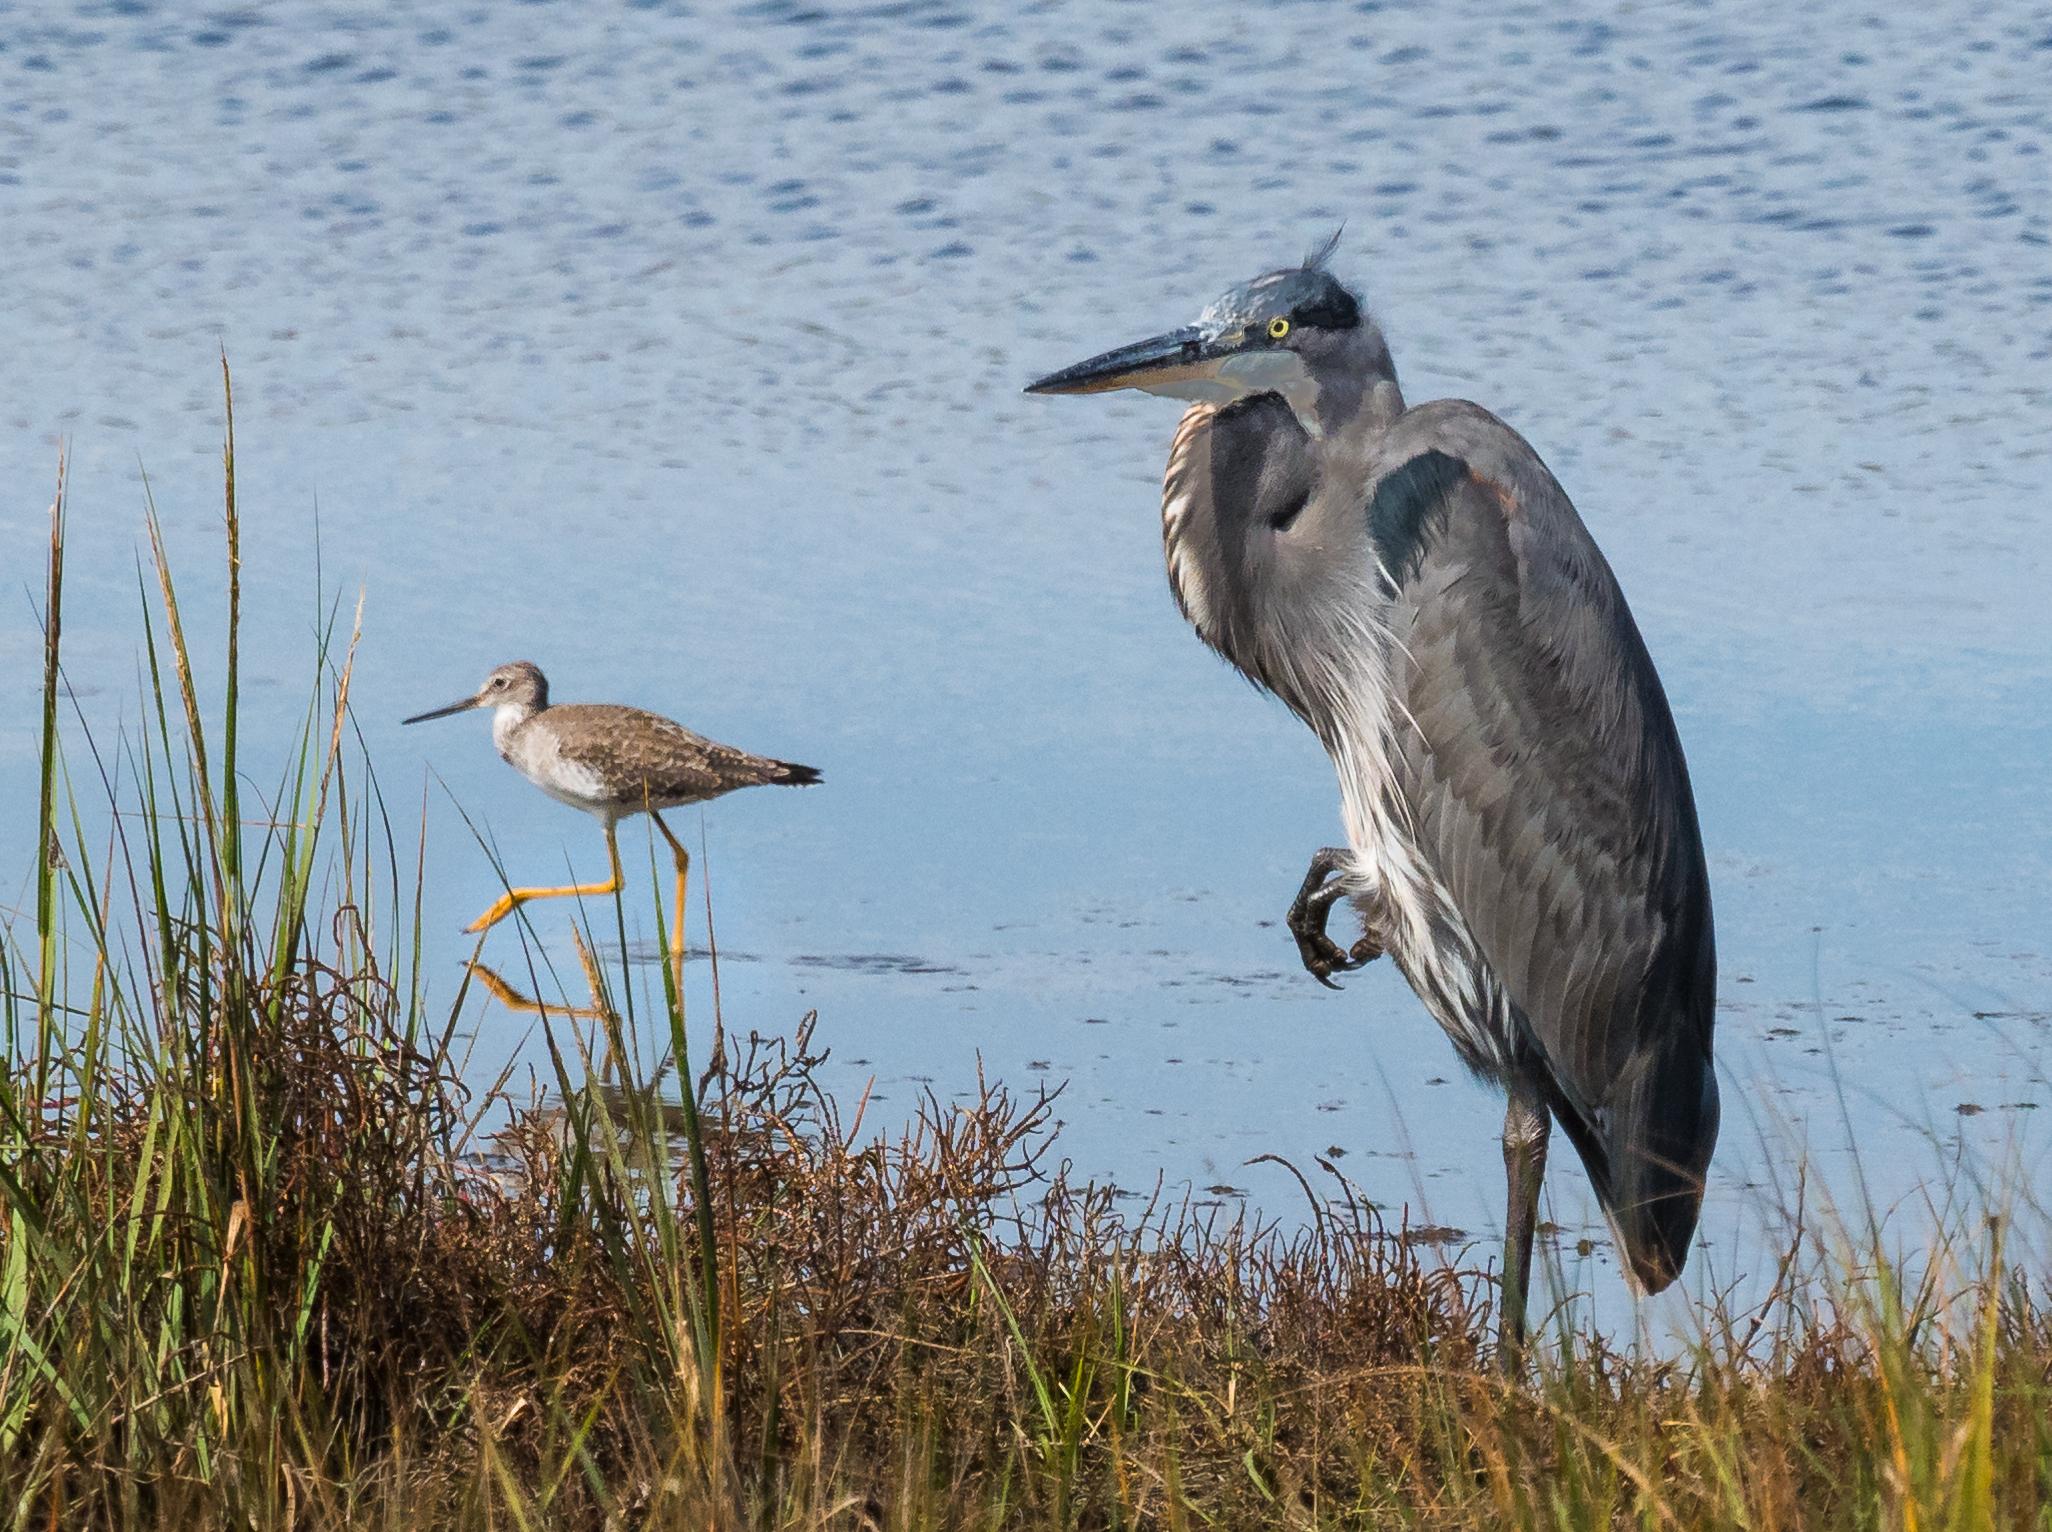 Lesser Yellowlegs and Little Blue Heron in salt marsh